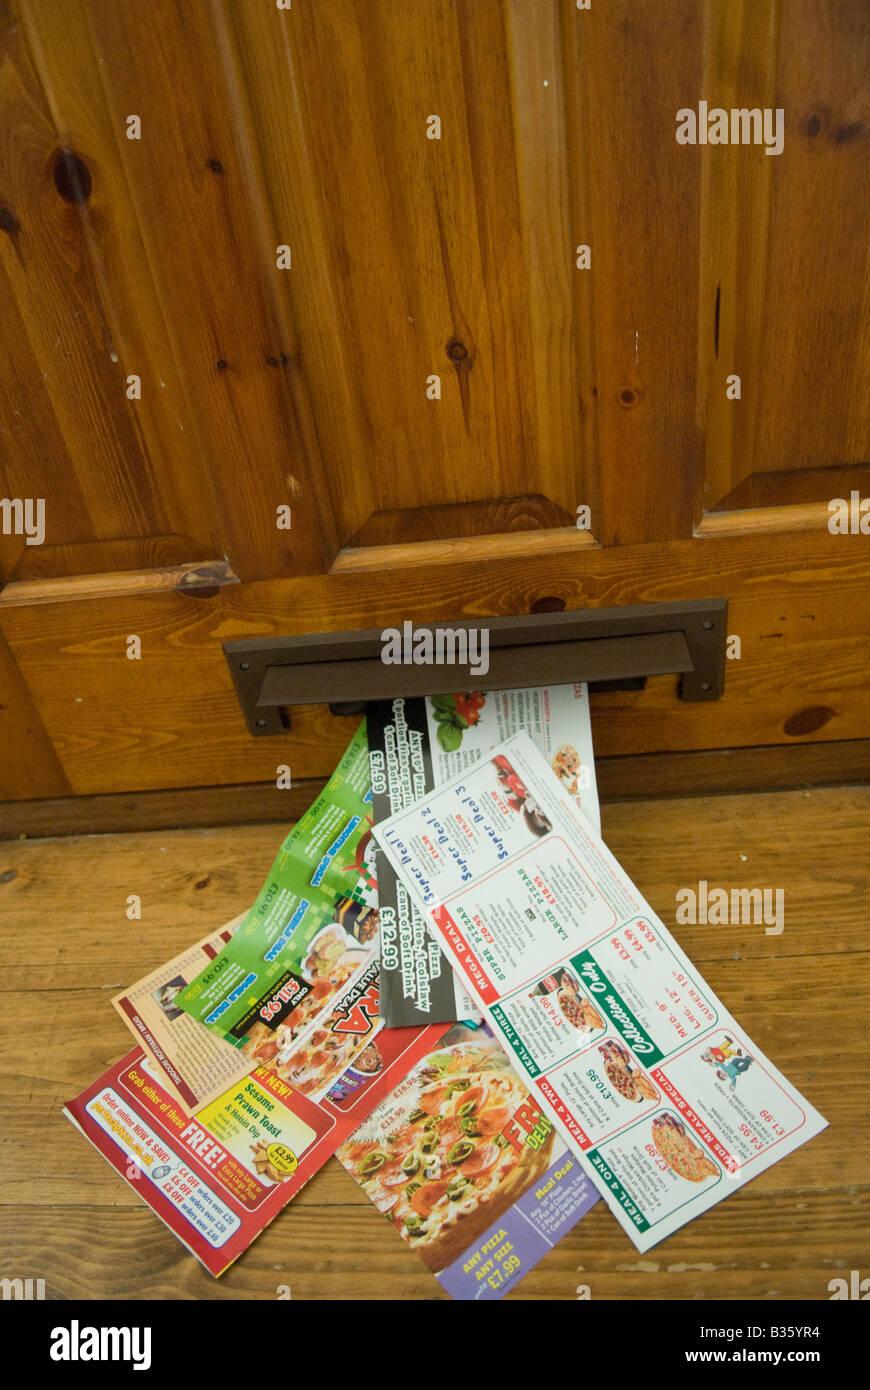 fast food menu junk mail Stock Photo: 19185912 - Alamy